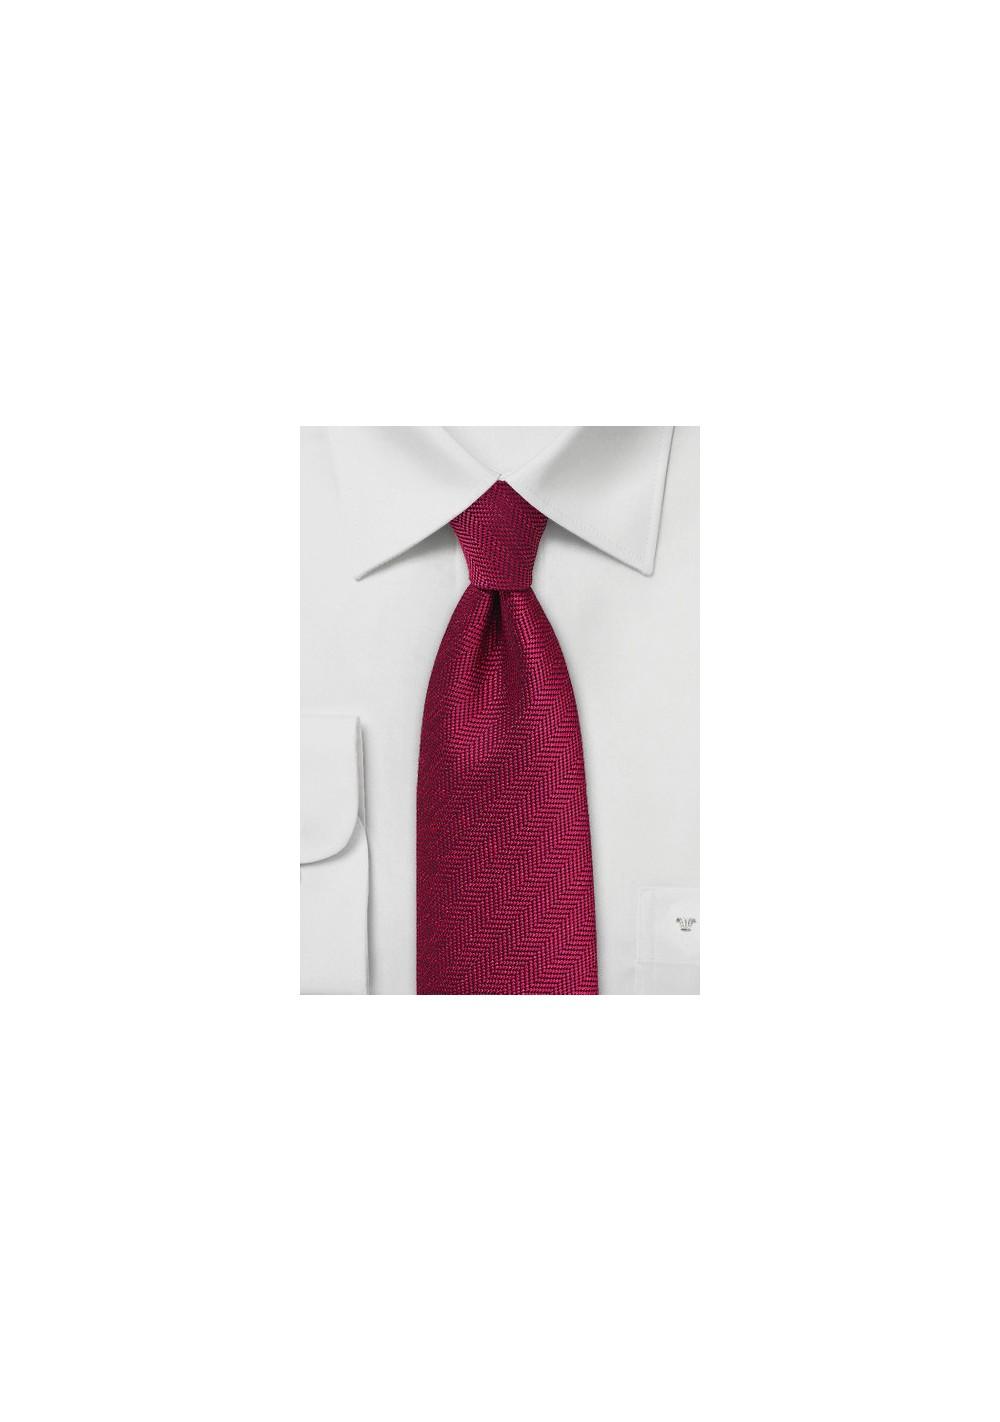 Herringbone Tie in Garnet Red